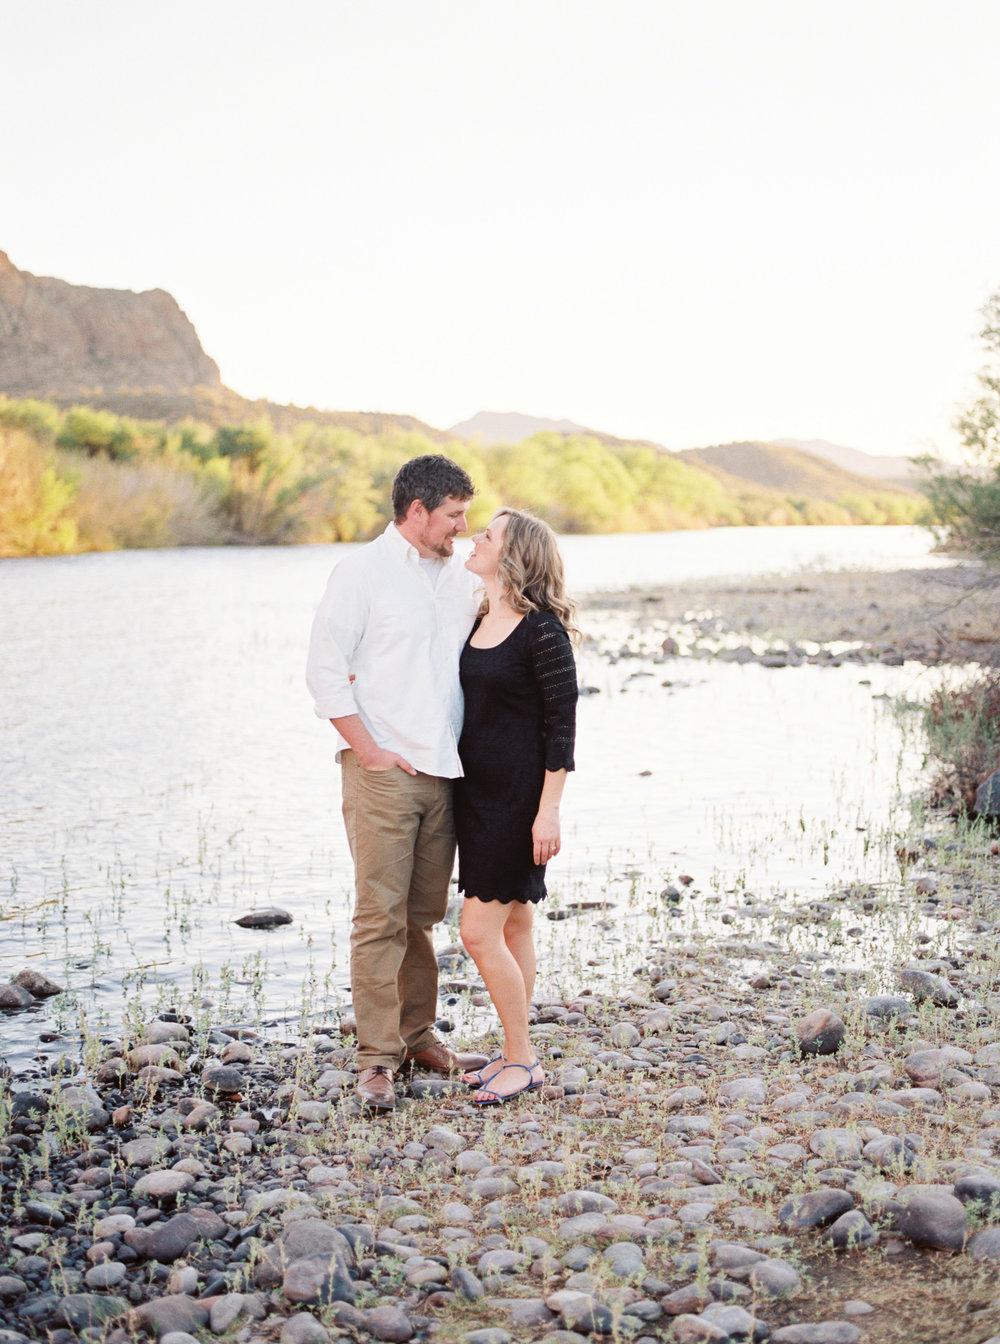 Sarah Jane Photography Engagement Salt River Bonnie Josh-18.JPG